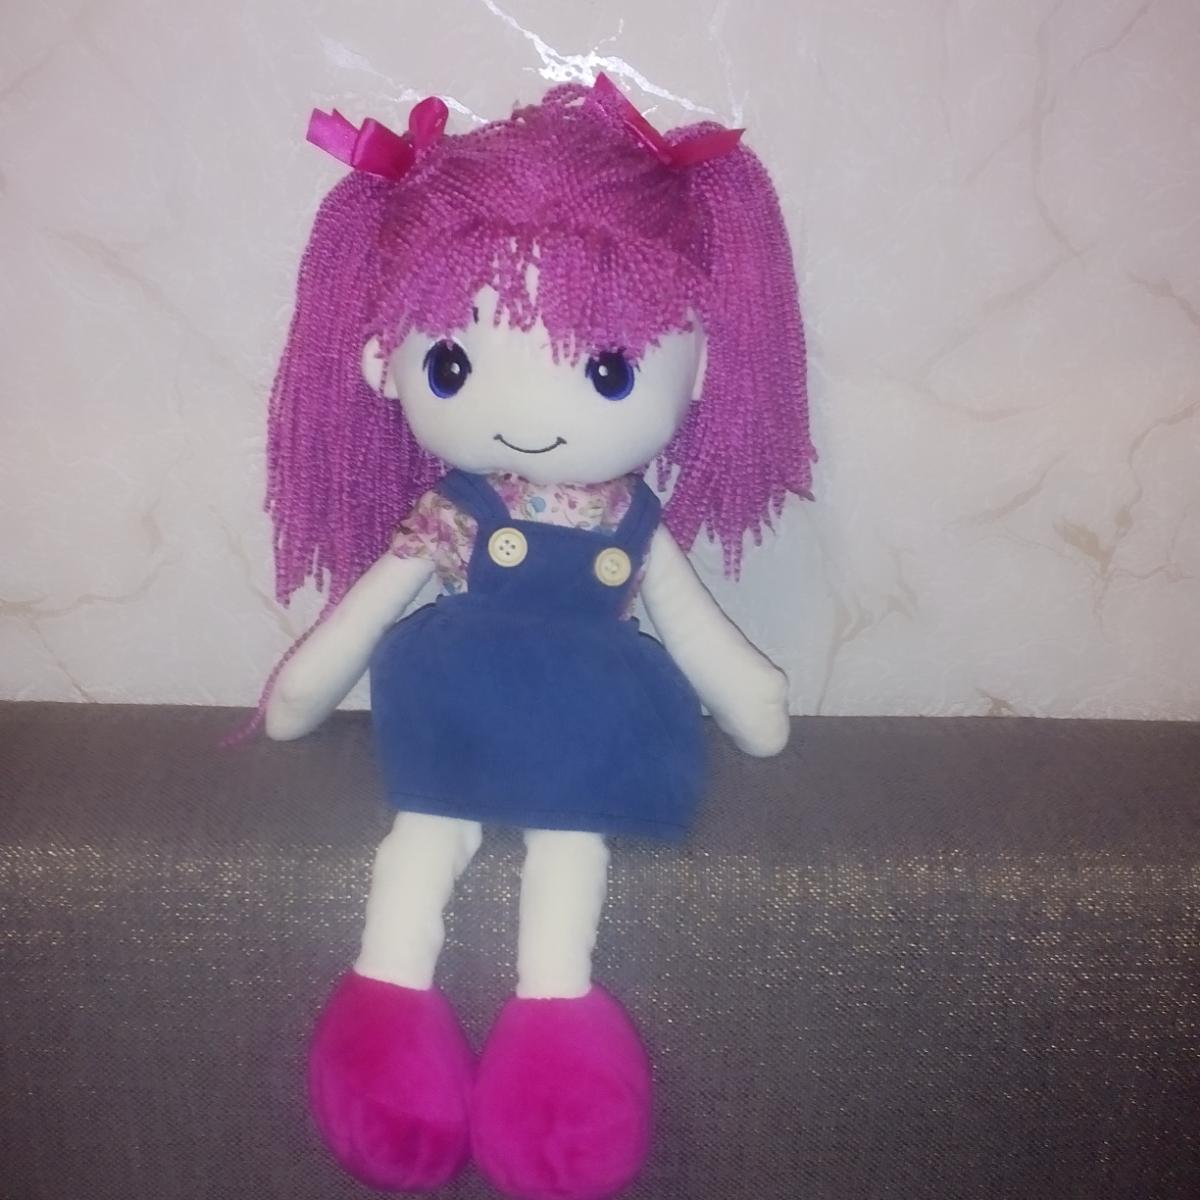 Дочь зовёт куклу Катей). Блиц: стильная кукла